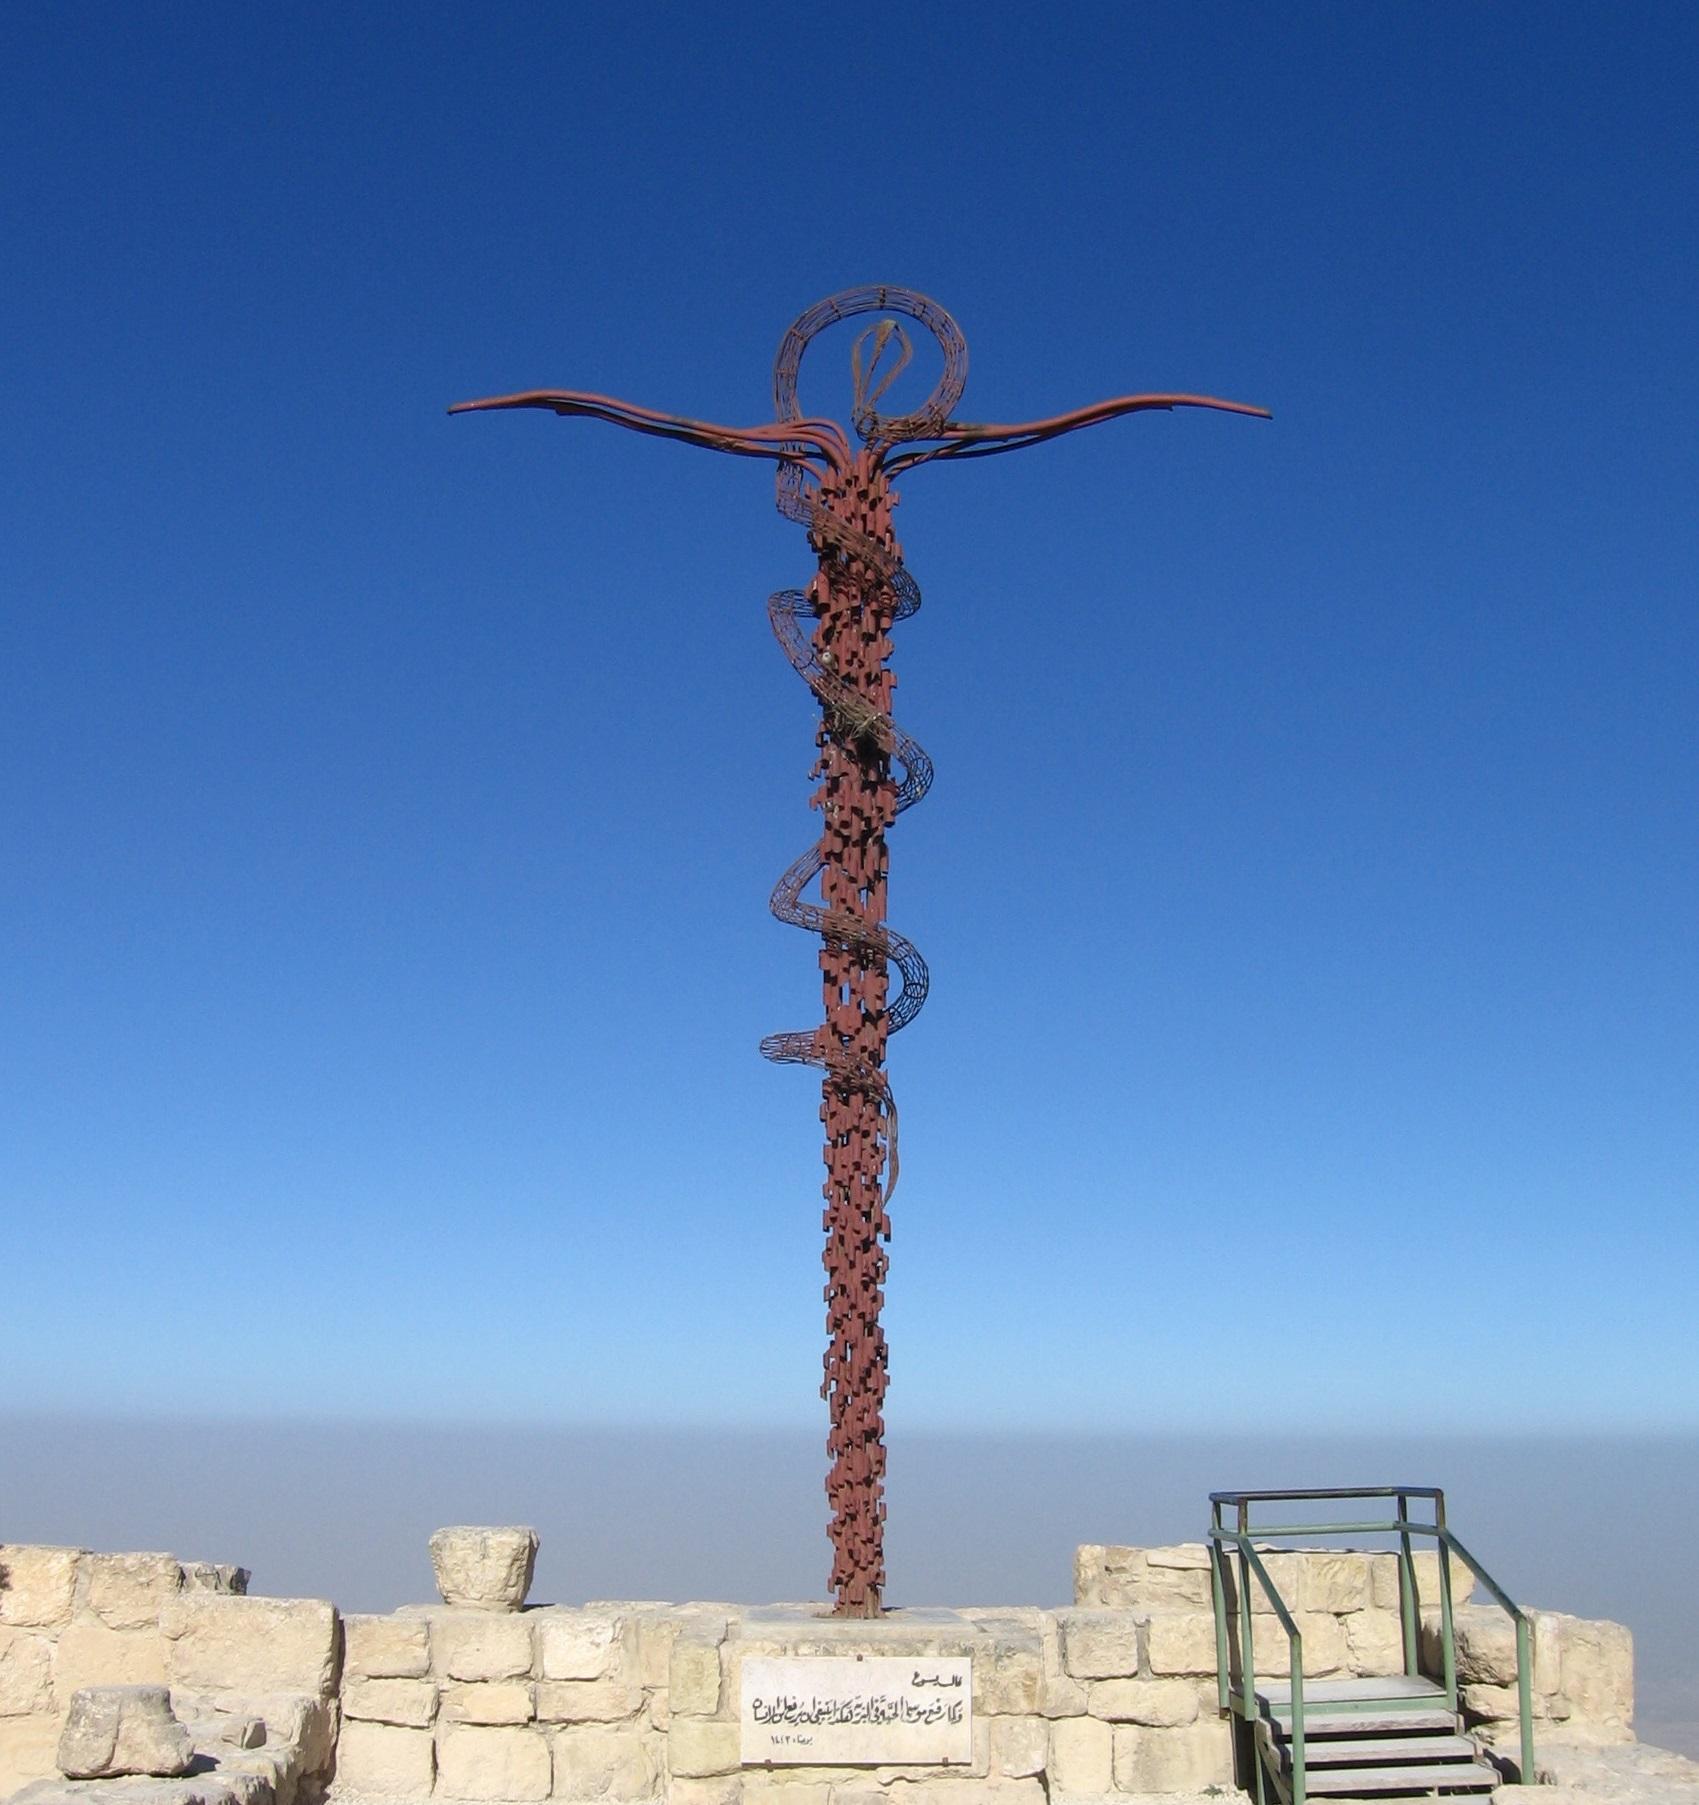 上图:尼波山上的铜蛇十字架,是意大利艺术家乔瓦尼·凡托尼(Giovanni Fantoni)的作品。